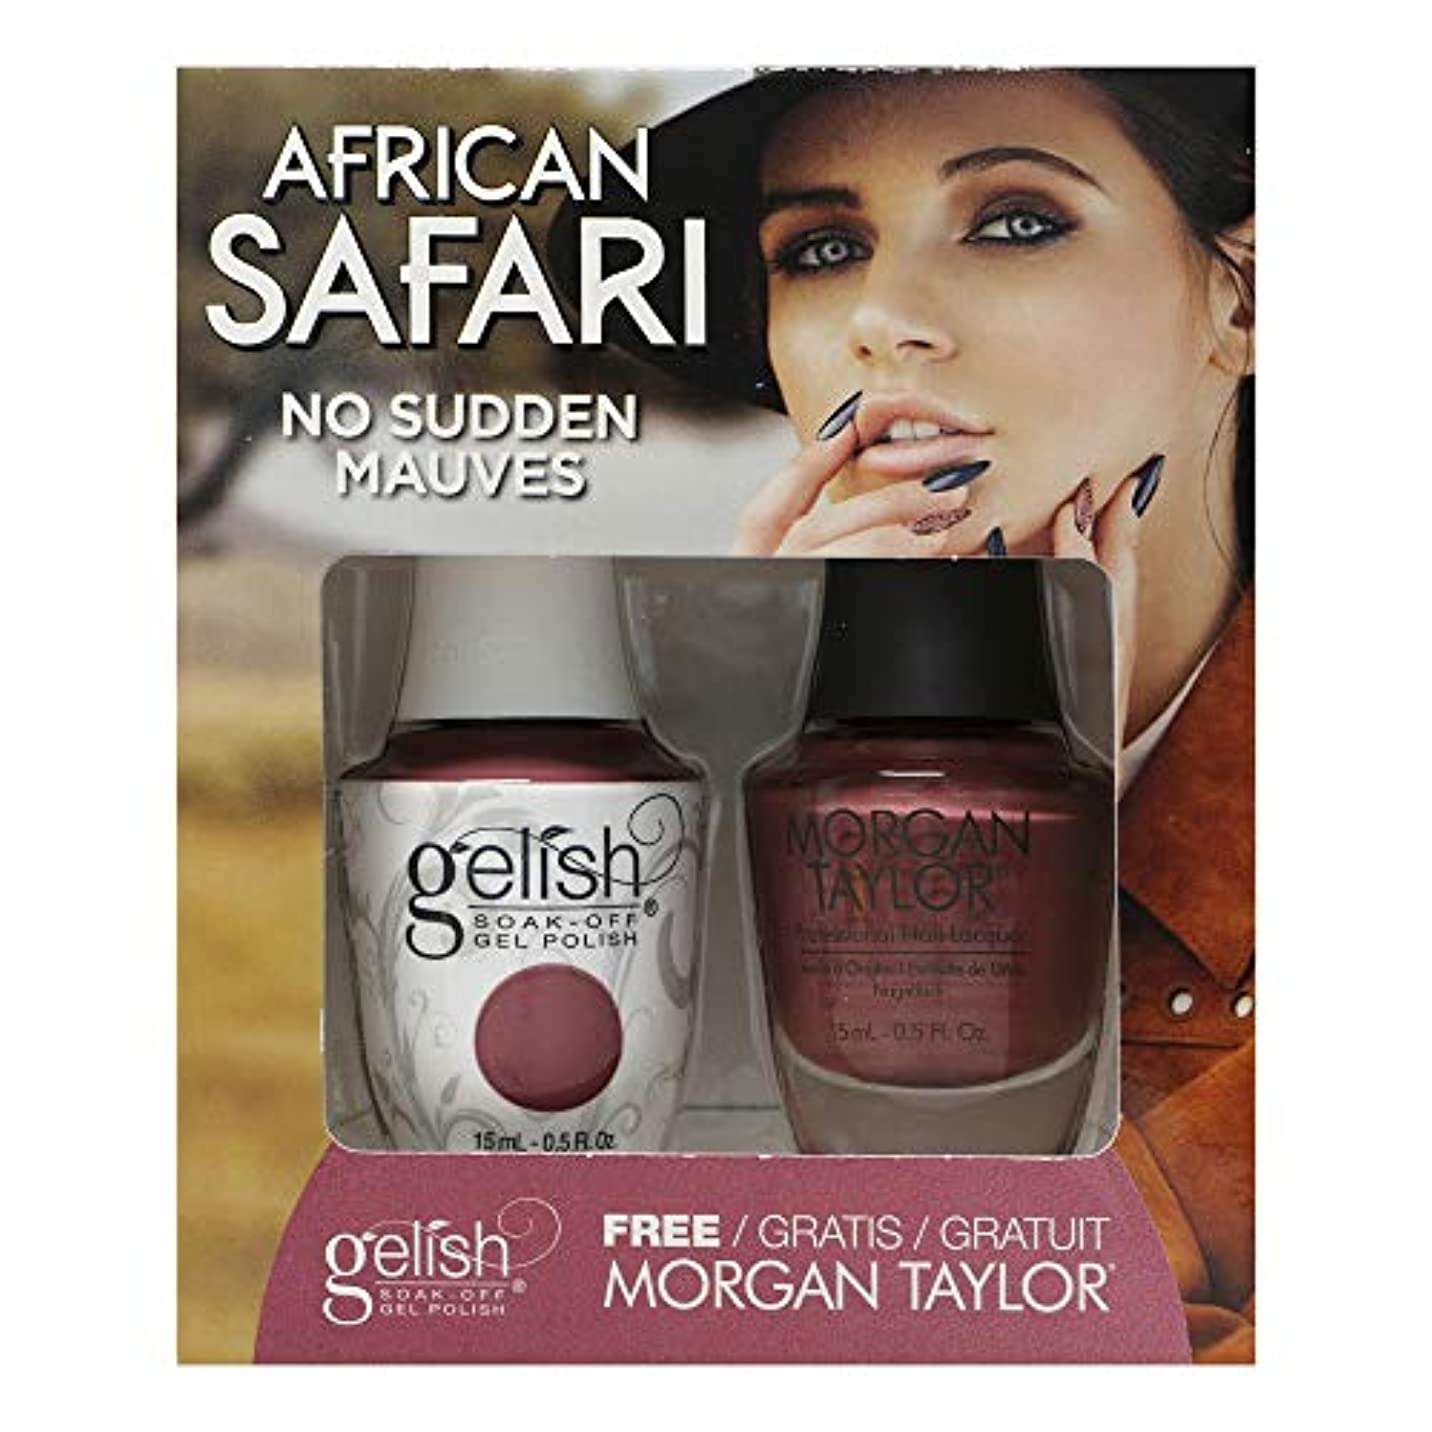 モス平和的マーチャンダイジングGelish - Two of a Kind - African Safari Collection - No Sudden Mauves